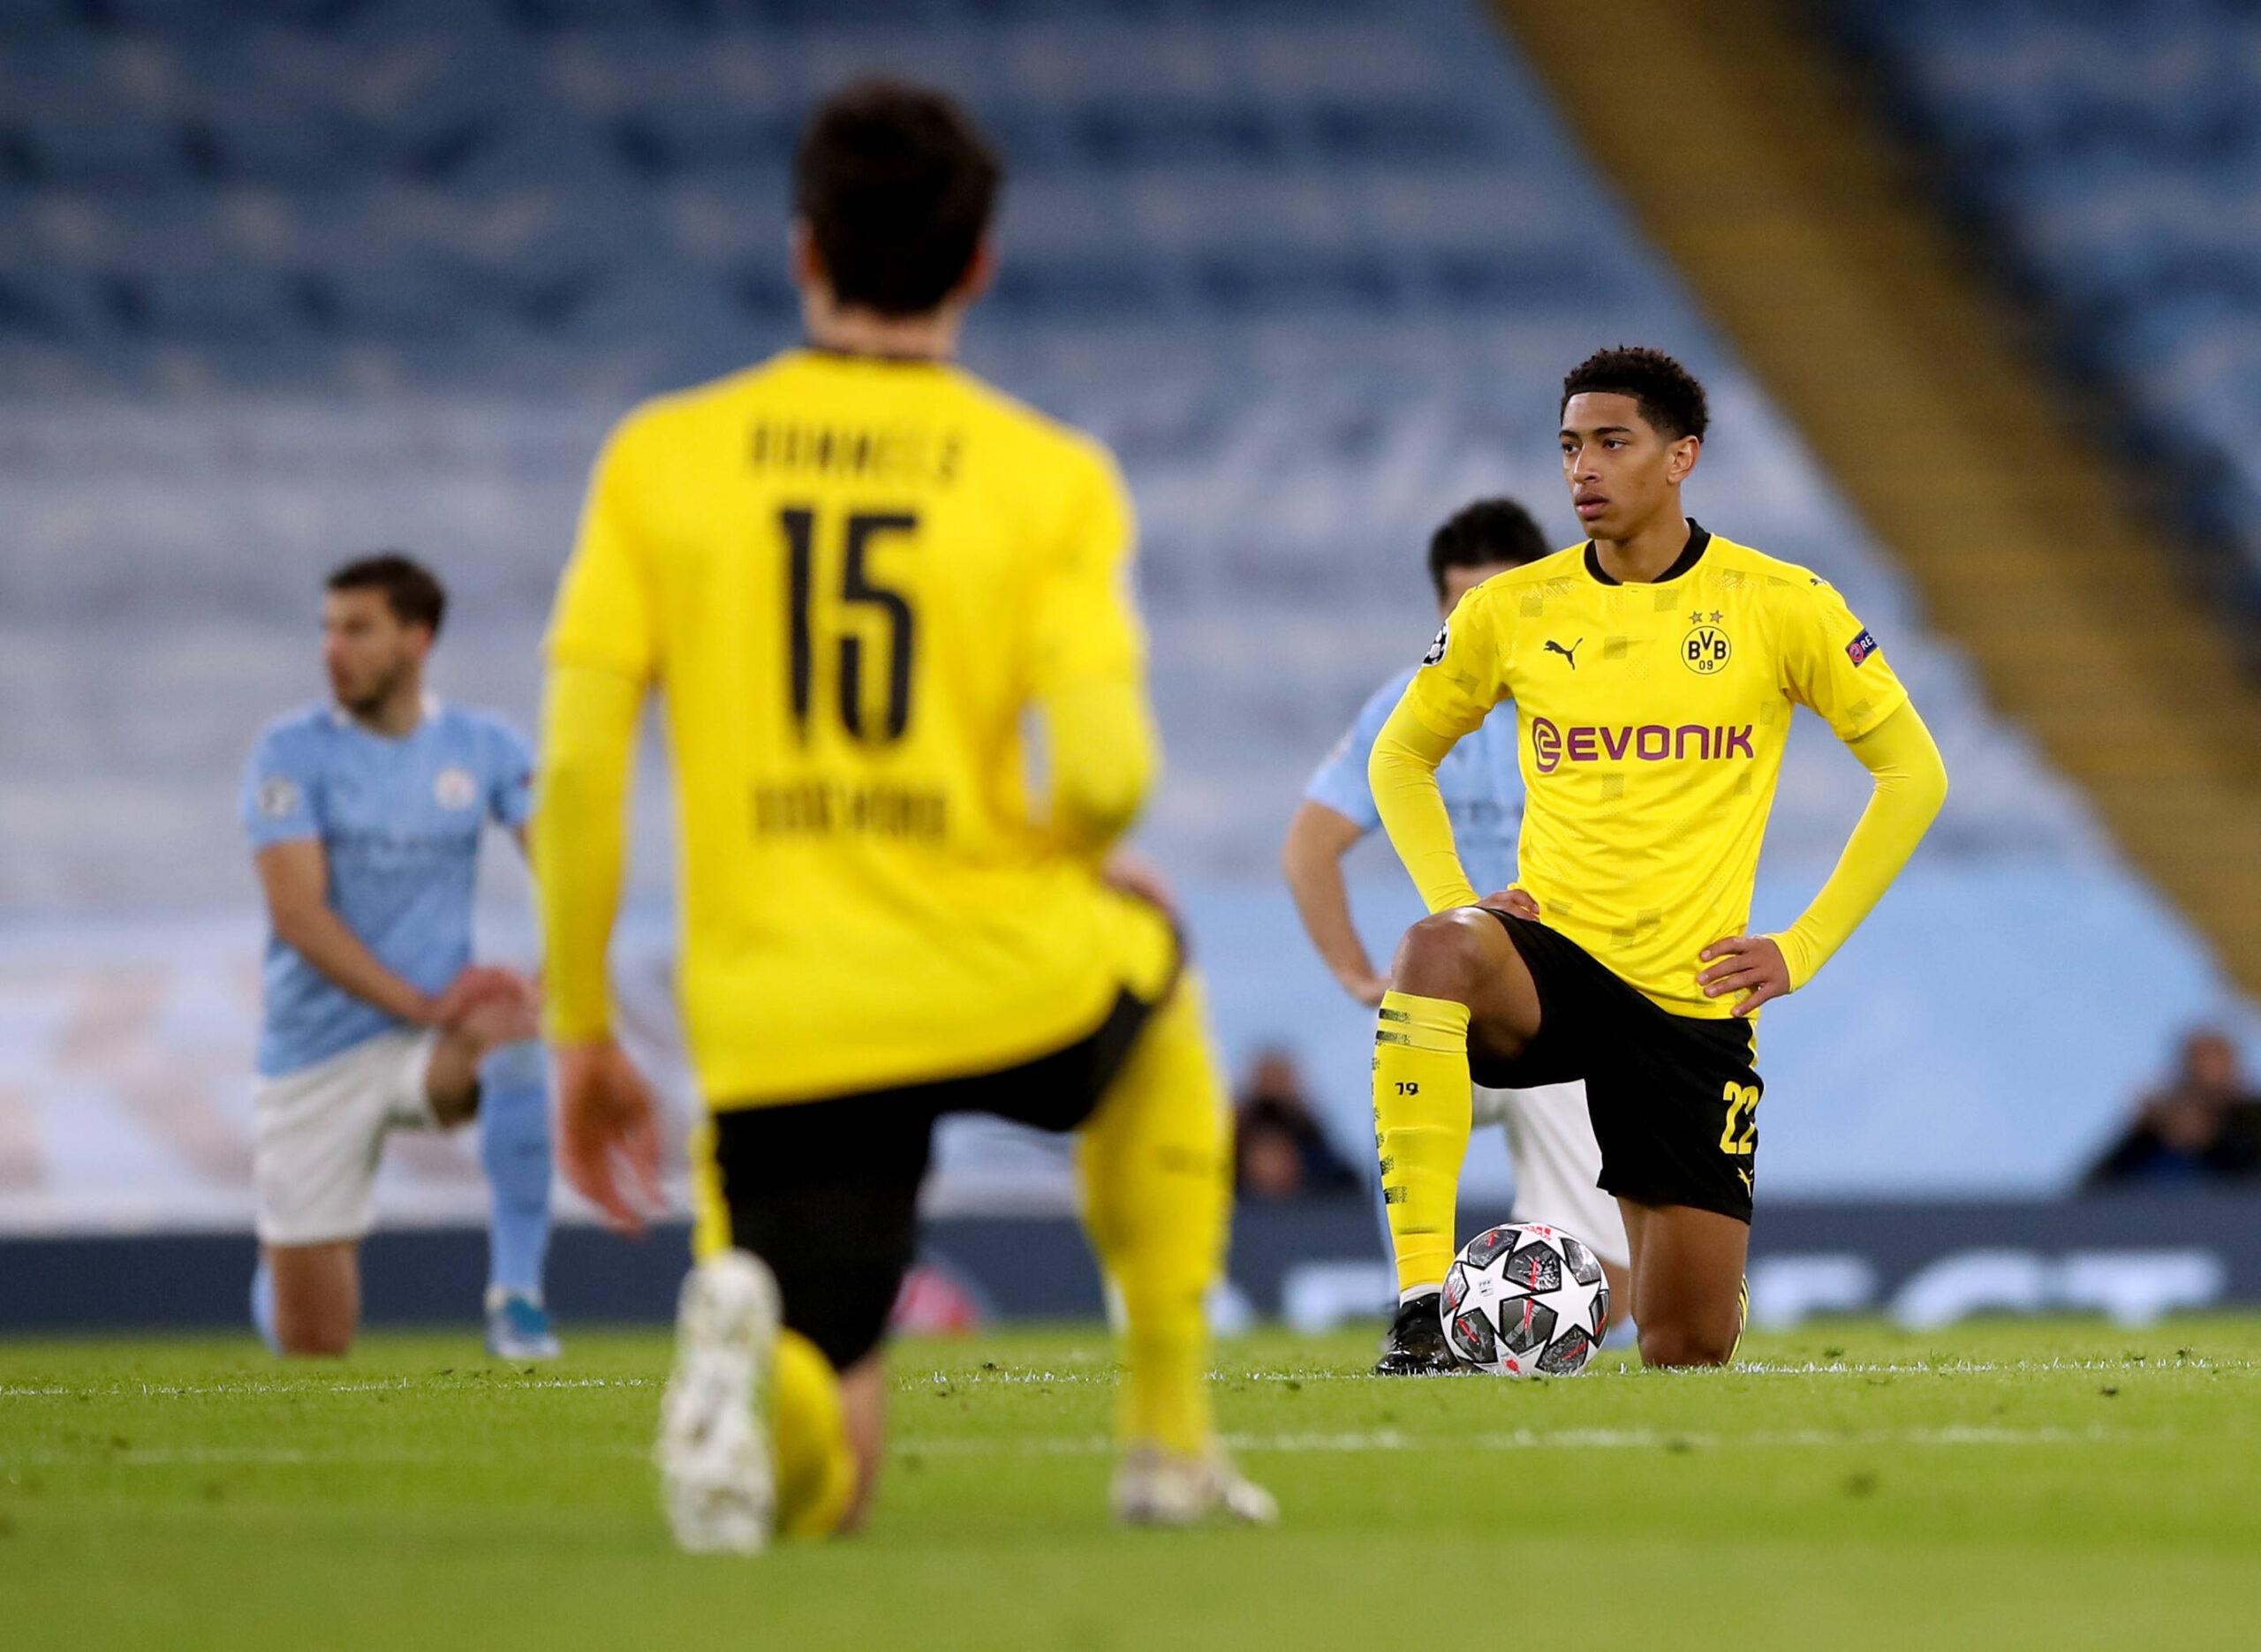 Jude Bellingham se arrodilla antes del encuentro del Borussia Dortmund ante el Manchester City por la UEFA Champions League. Fuente: Imago Images